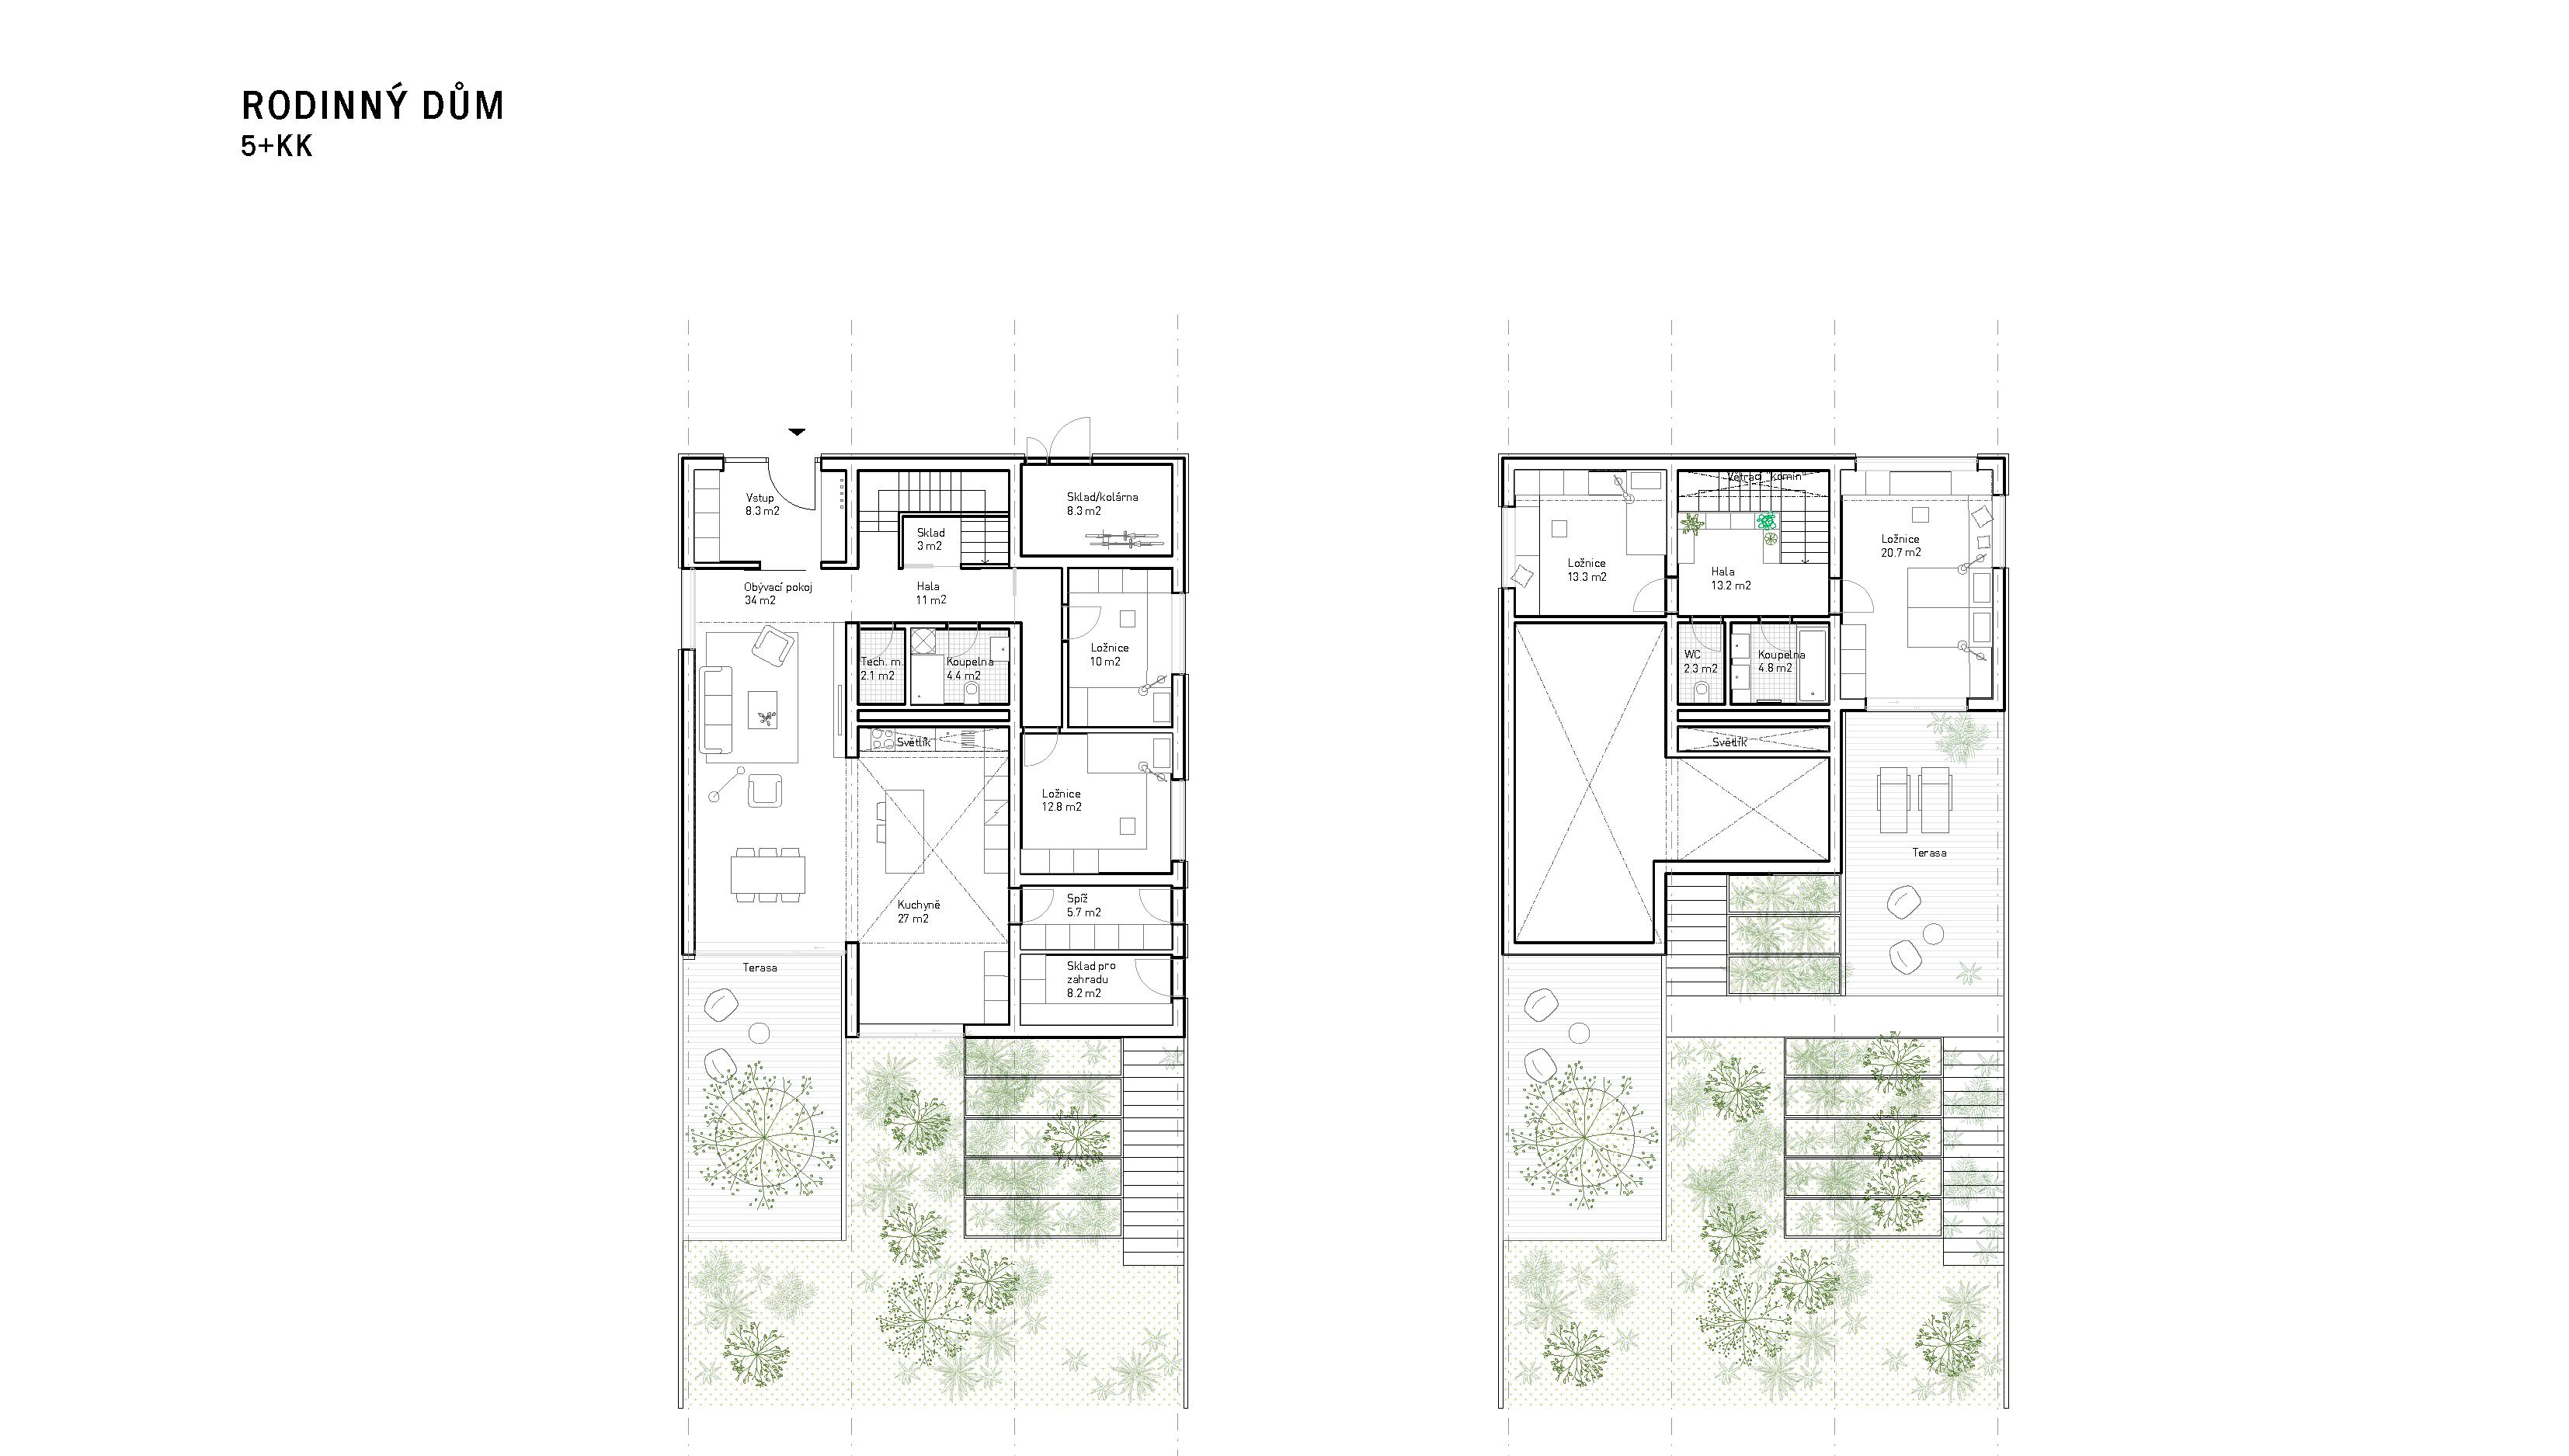 layout_case_0001_200605_Zdrave-domy_chkau_Page_57